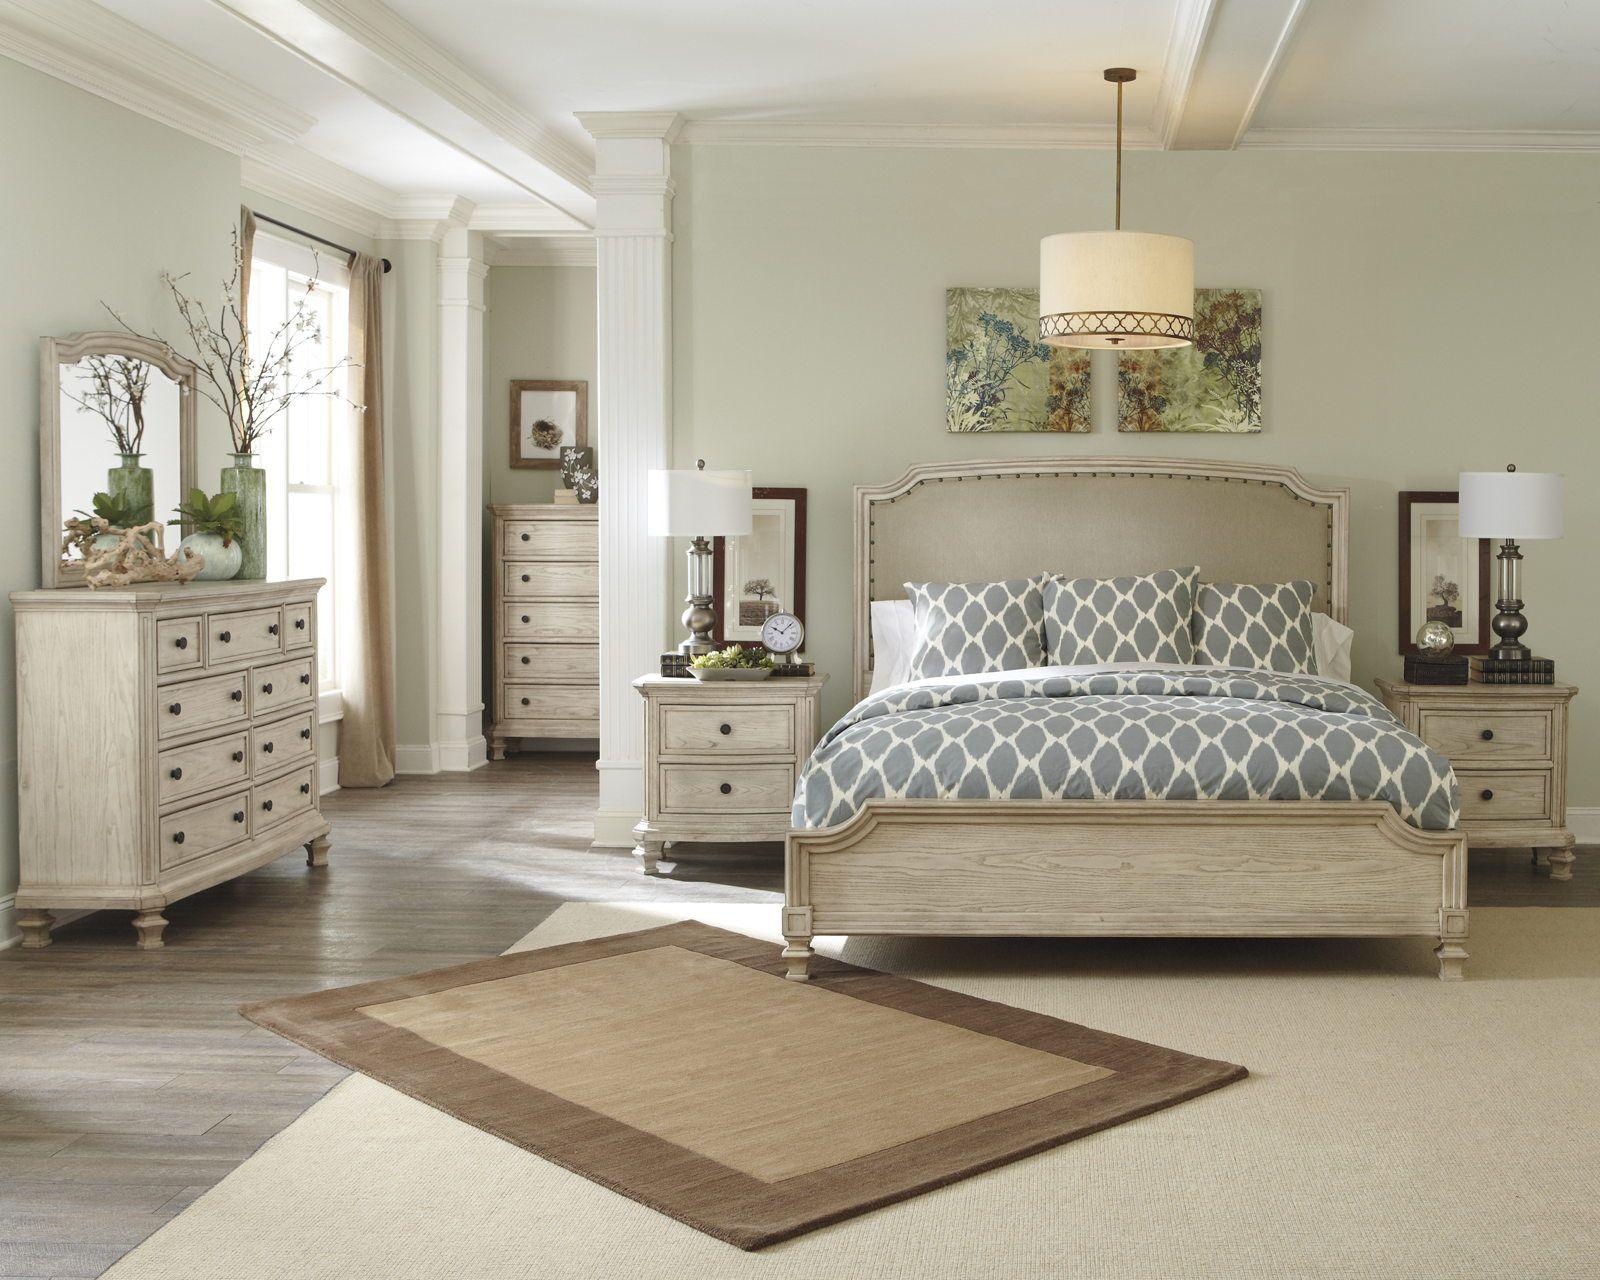 Demarlos 4pc Upholstered Panel Bedroom Set In Parchment White Ashley Bedroom Set Bedroom Panel Bedroom Sets Queen